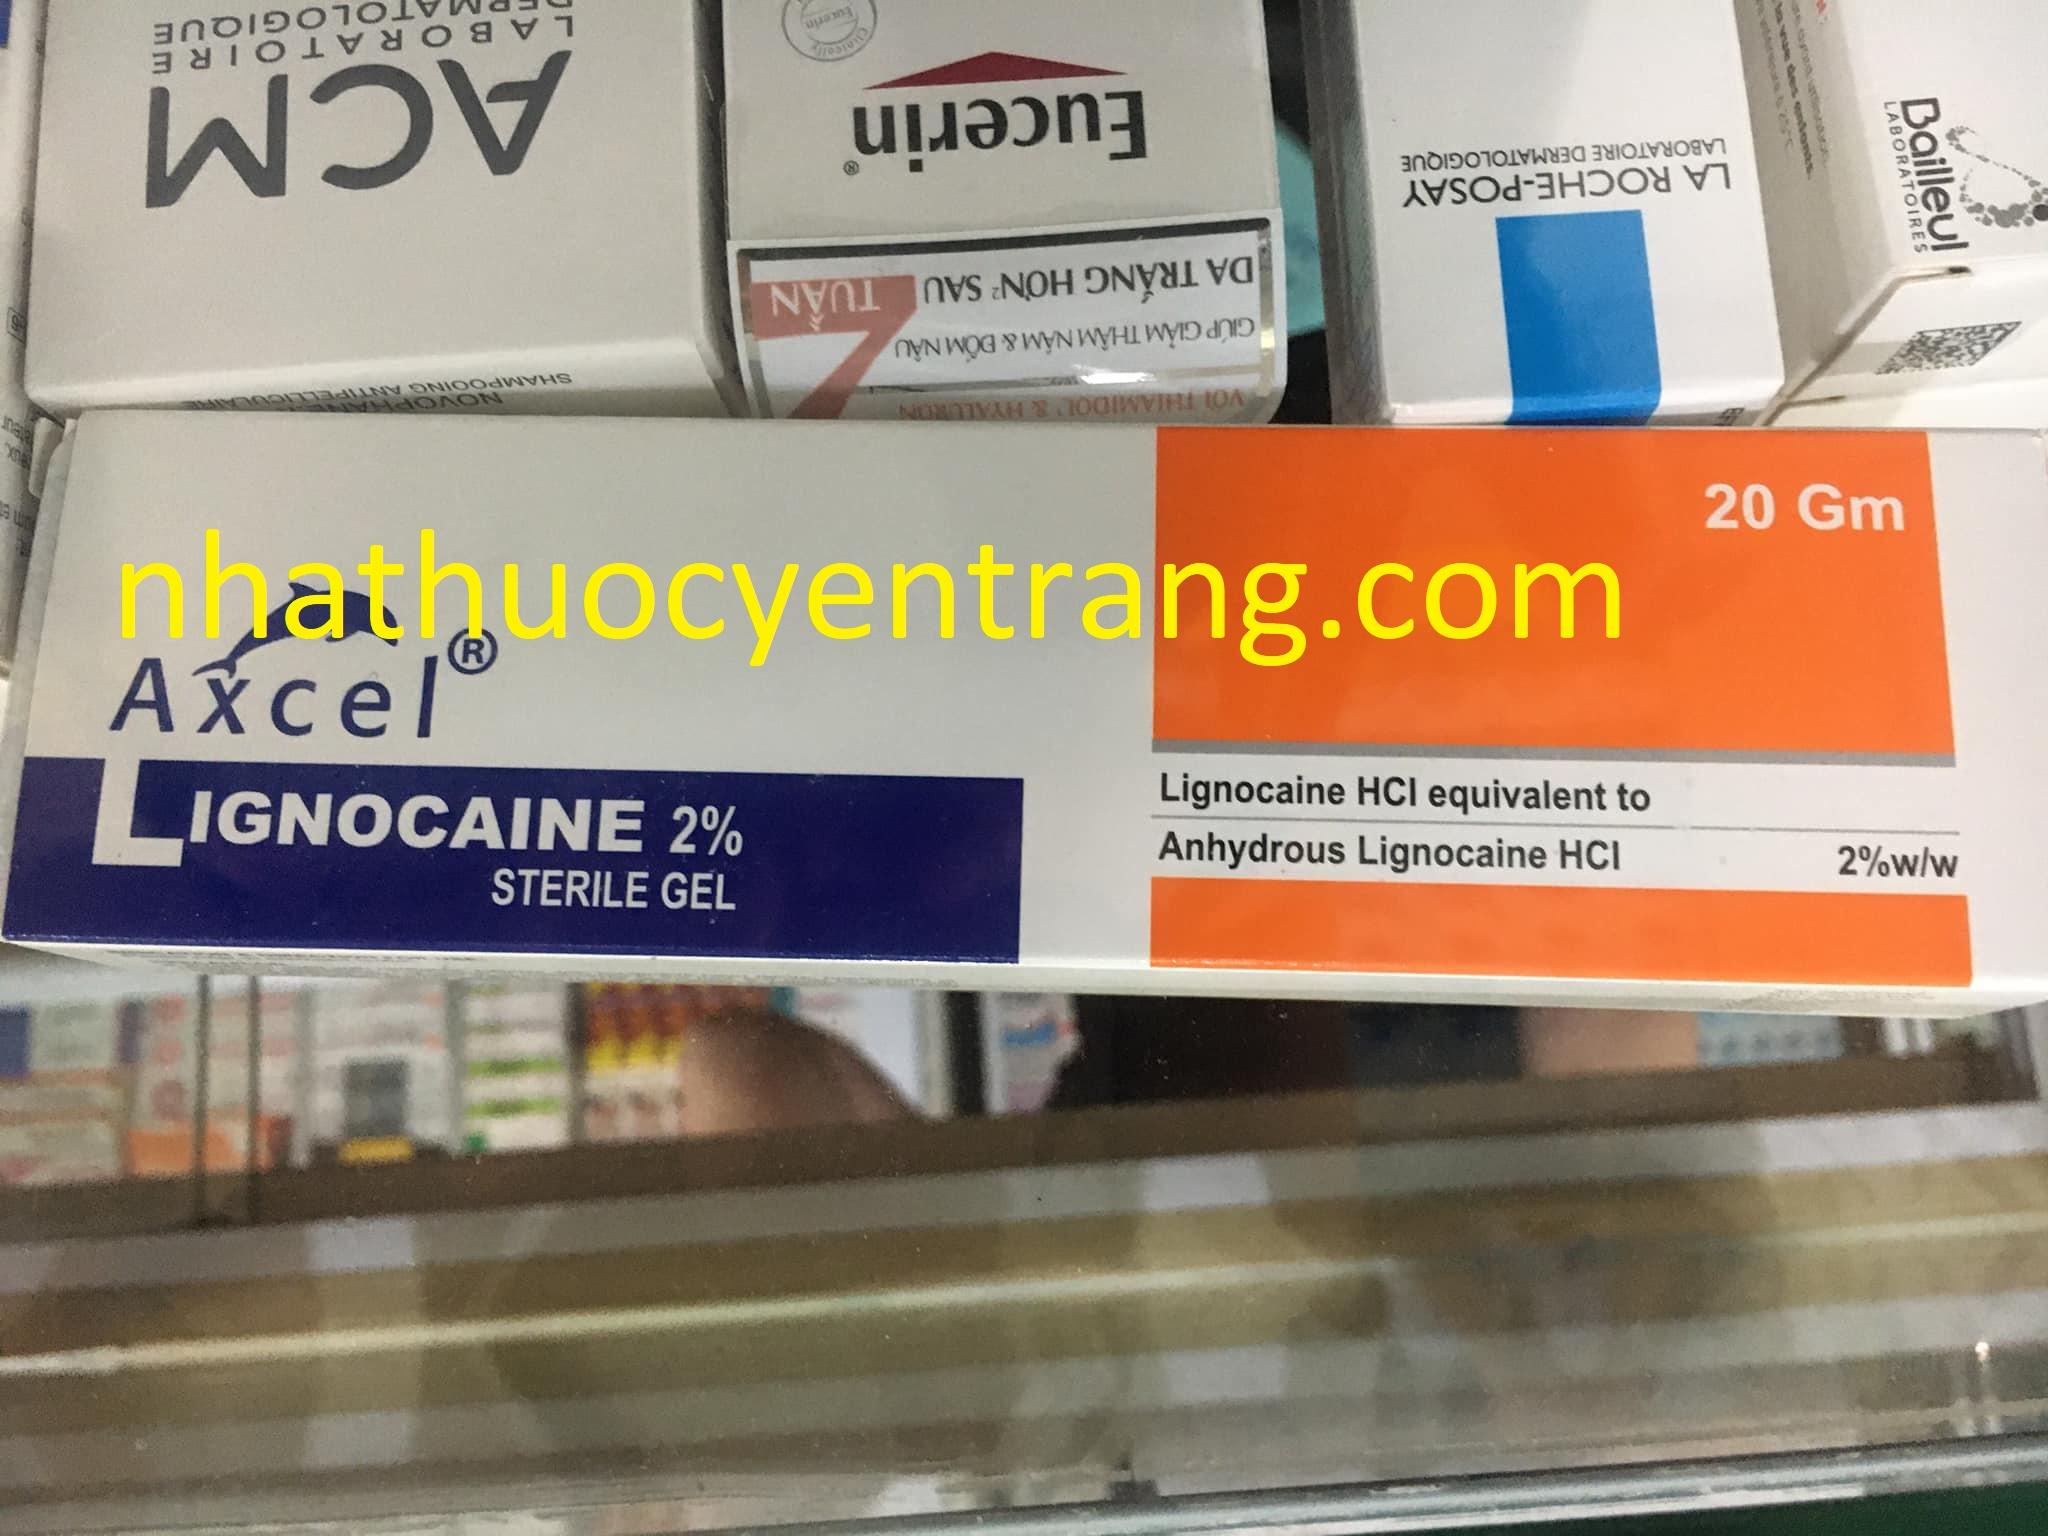 Axcel Lignocaine 2% 20g